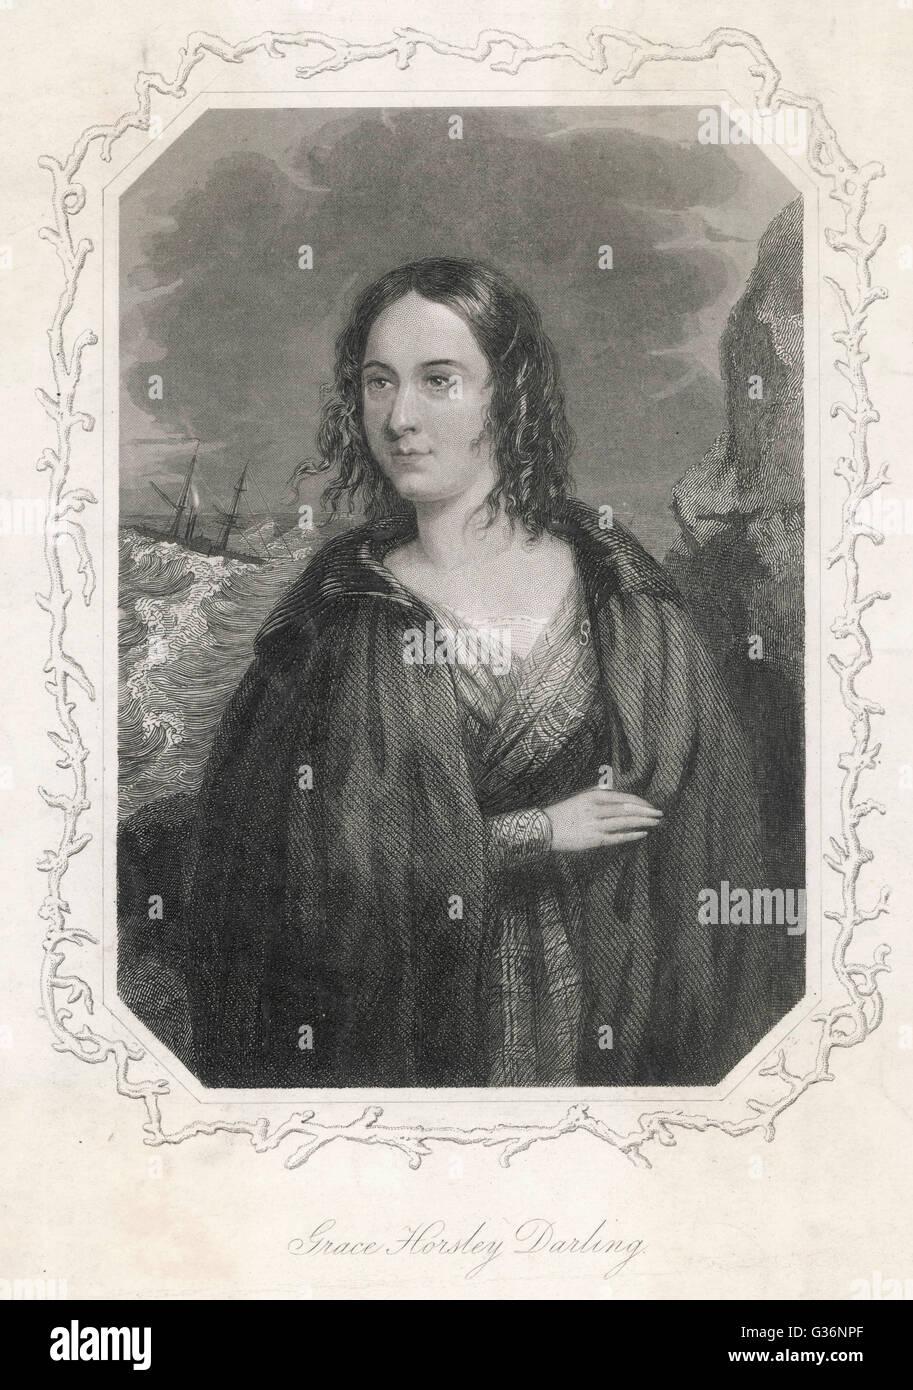 Horsley Grace Darling (1815-1842), hija del Torrero de Faros, William Darling, en las Islas Farne, que remaba con su padre hasta el hundimiento de la lancha de la SS Forfarshire en 1838 -- juntos salvaron a 13 personas de los restos del naufragio. Fecha: circa 18 Foto de stock